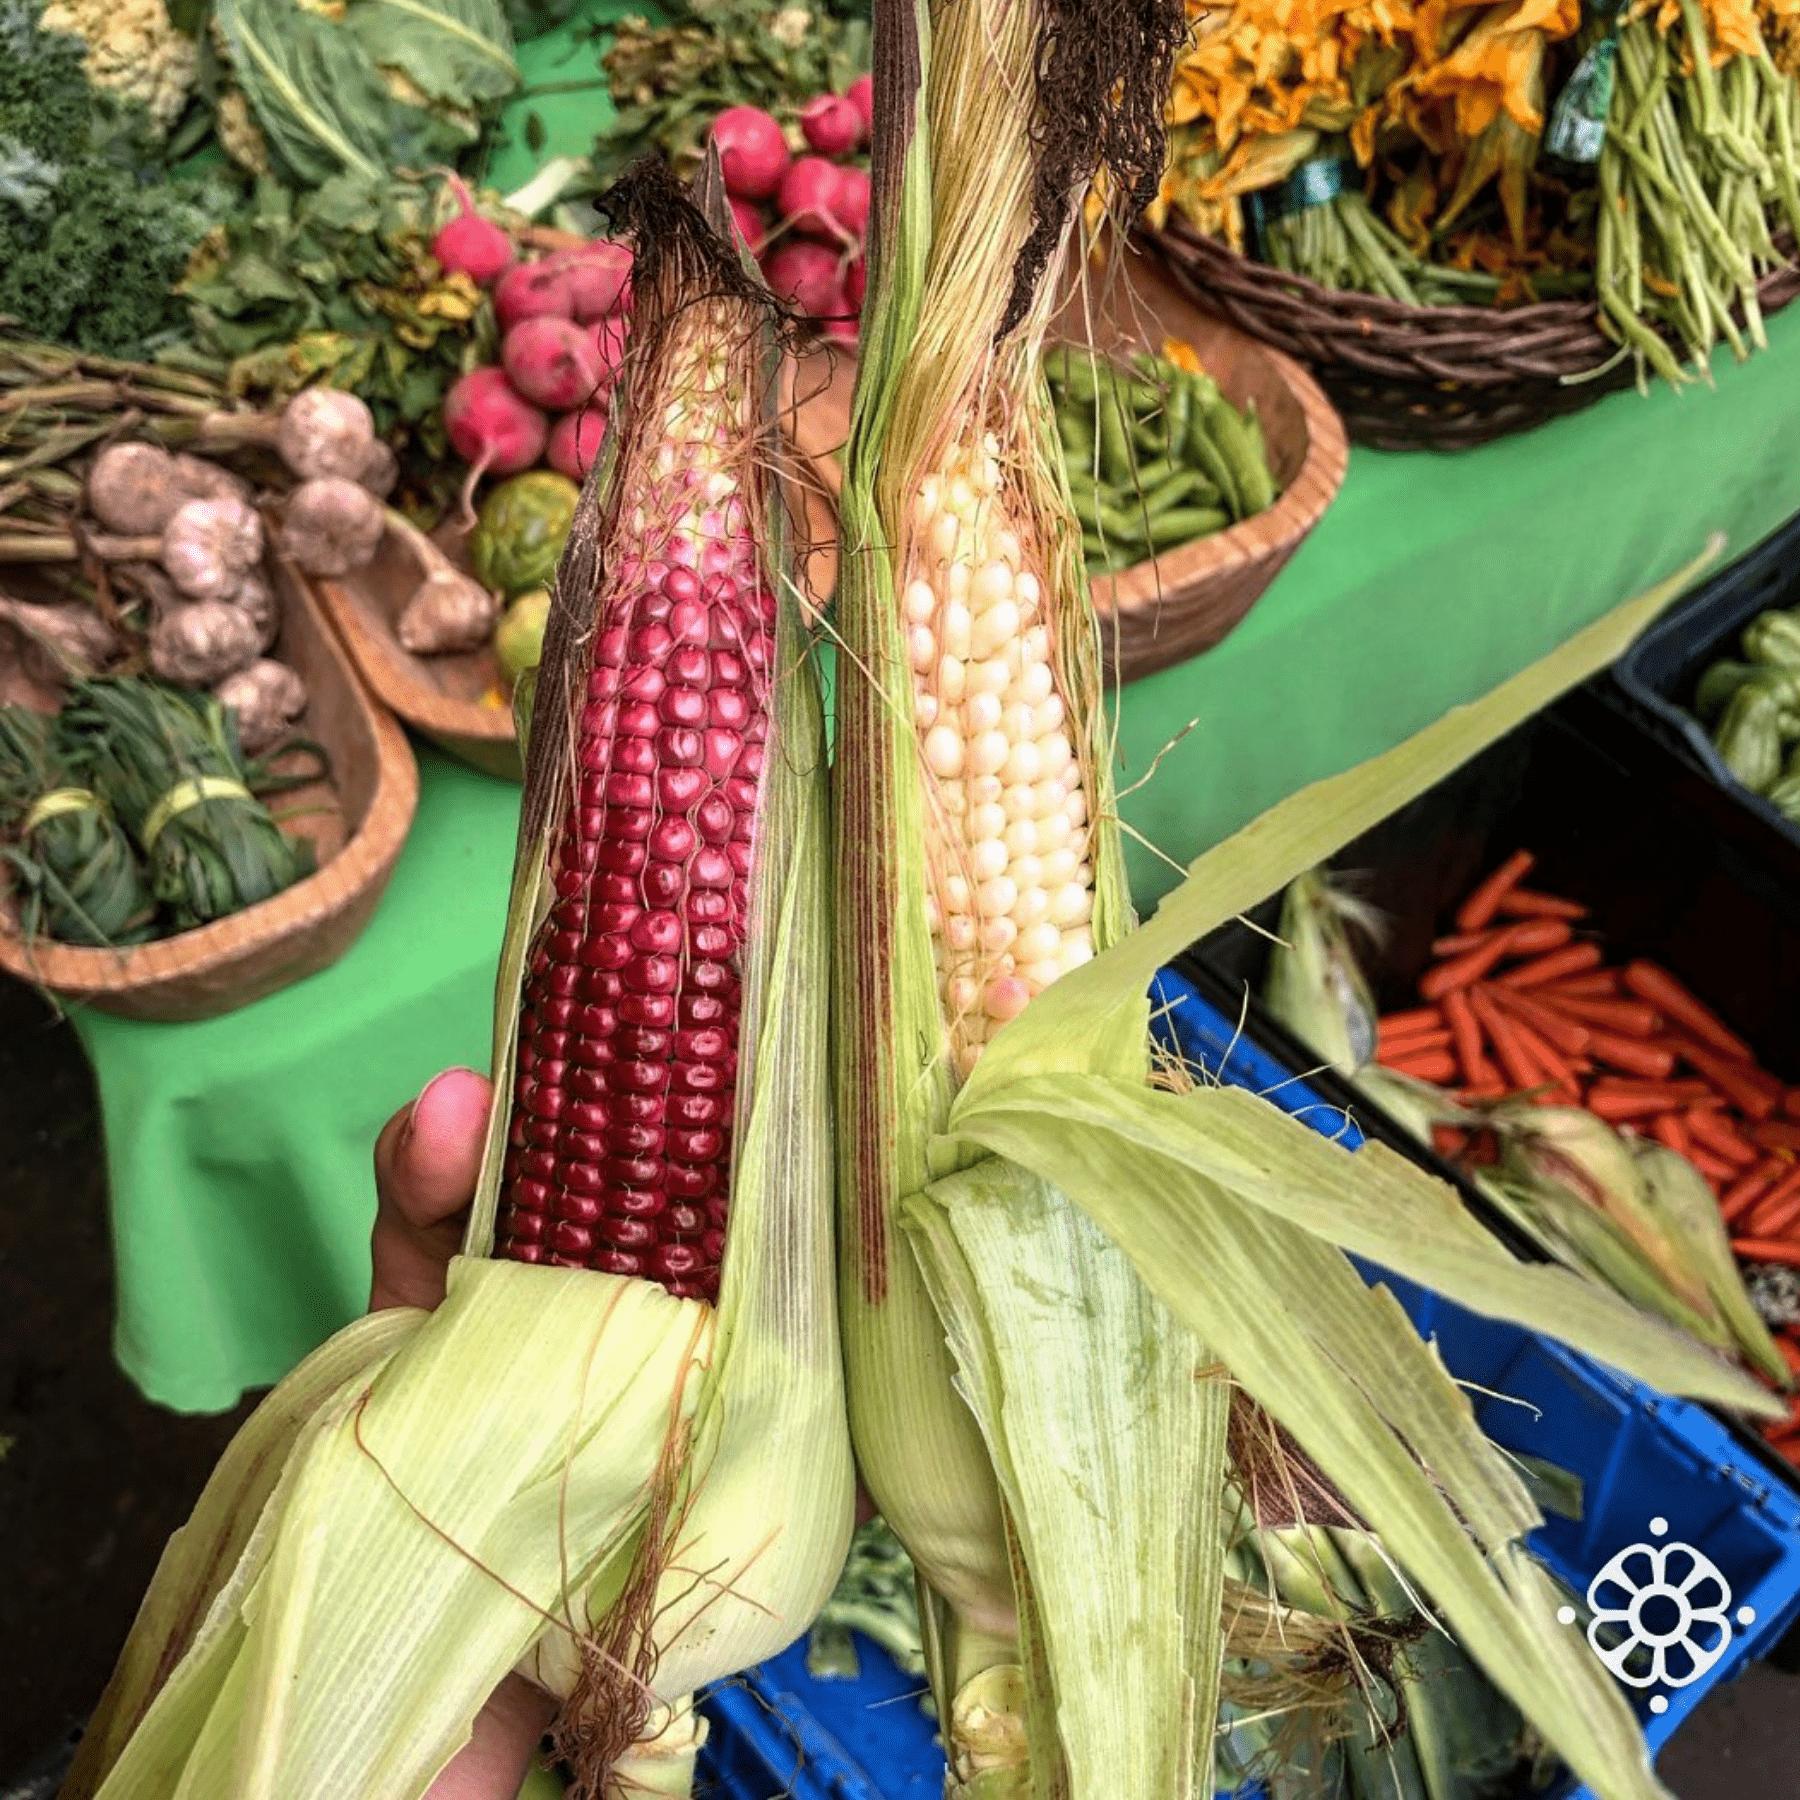 Producir alimentos orgánicos es un acto de resistencia, señalan productoras de maíz